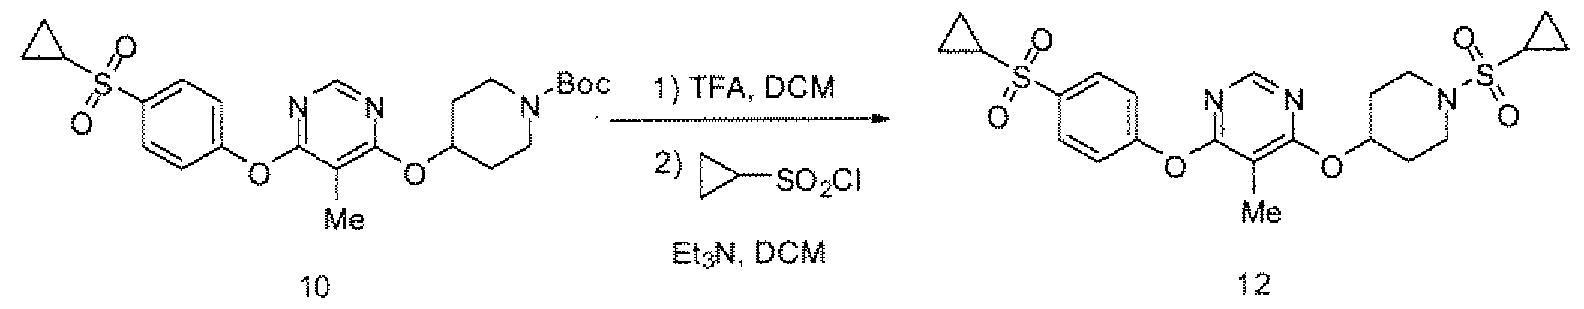 Figure imgf000052_0004